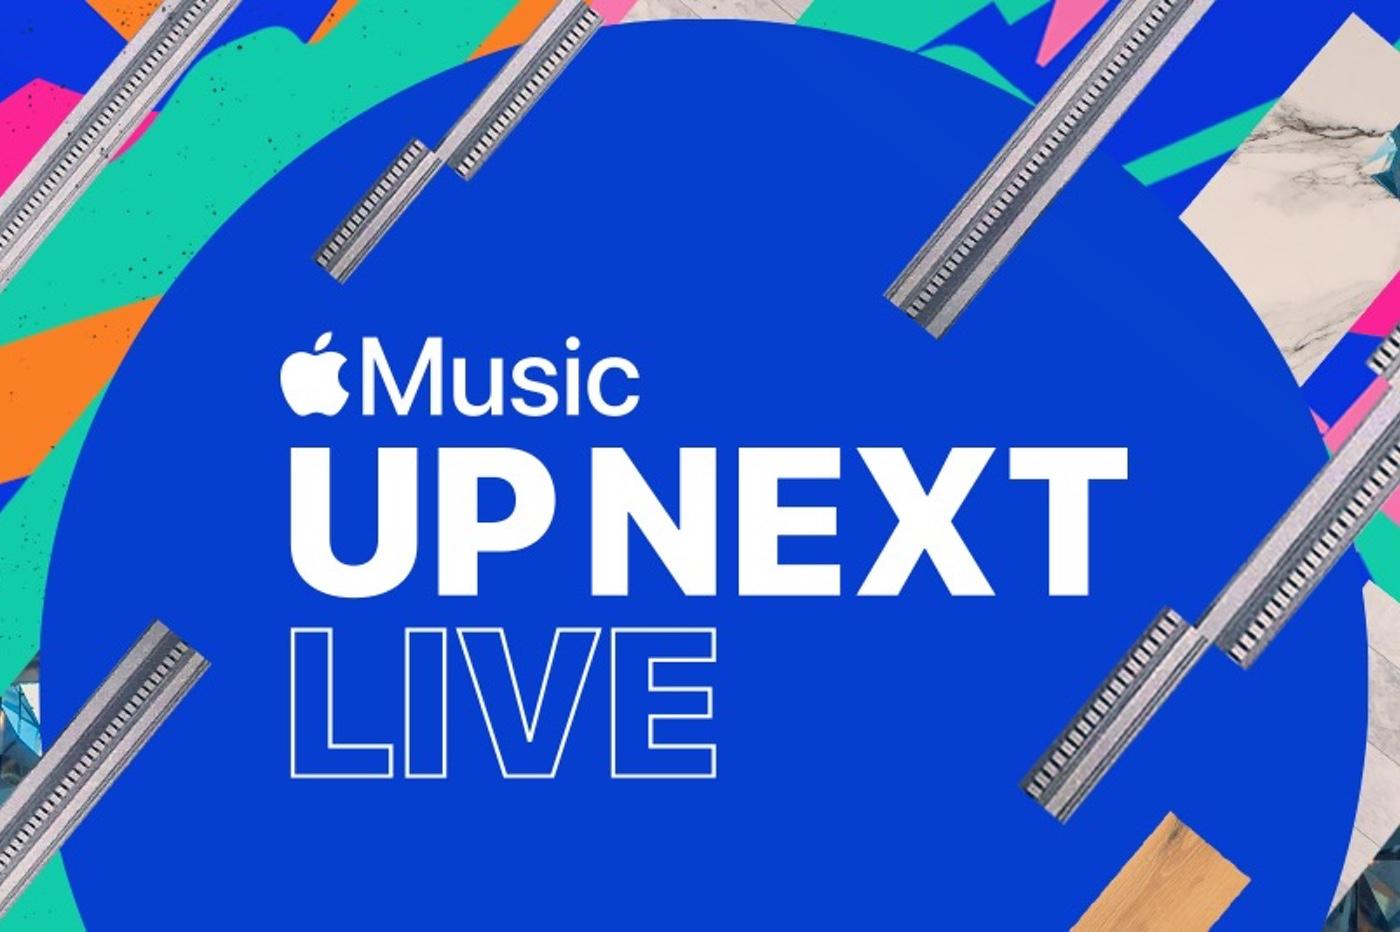 Apple organise des concerts gratuits en Apple Store 1